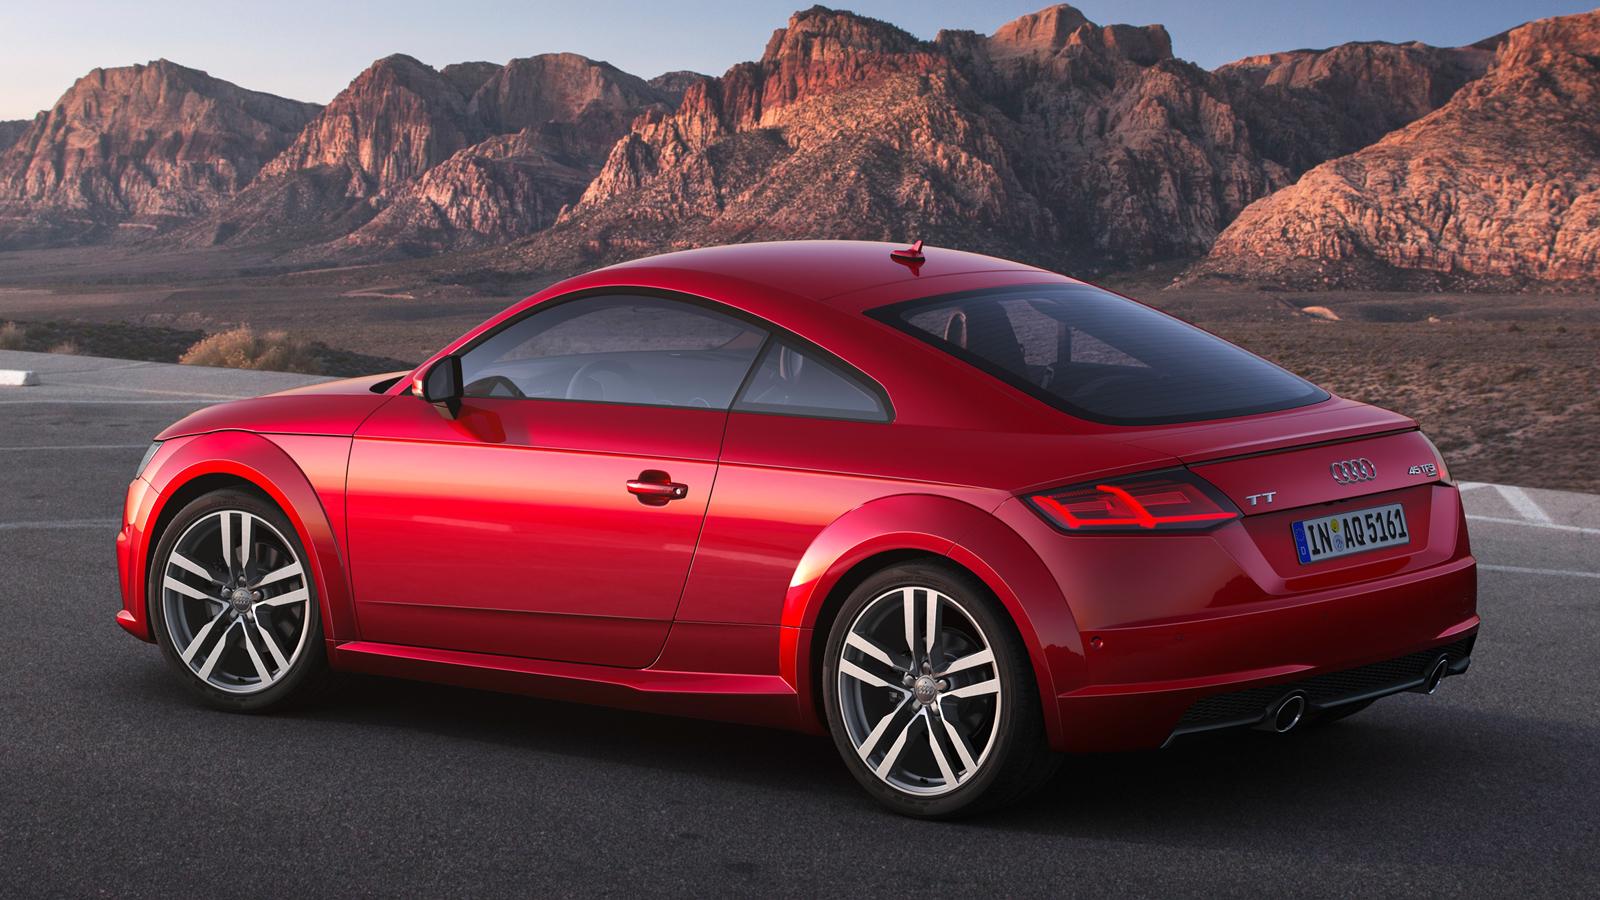 Audi тт сменит формат модель превратят в четырёхдверное купе